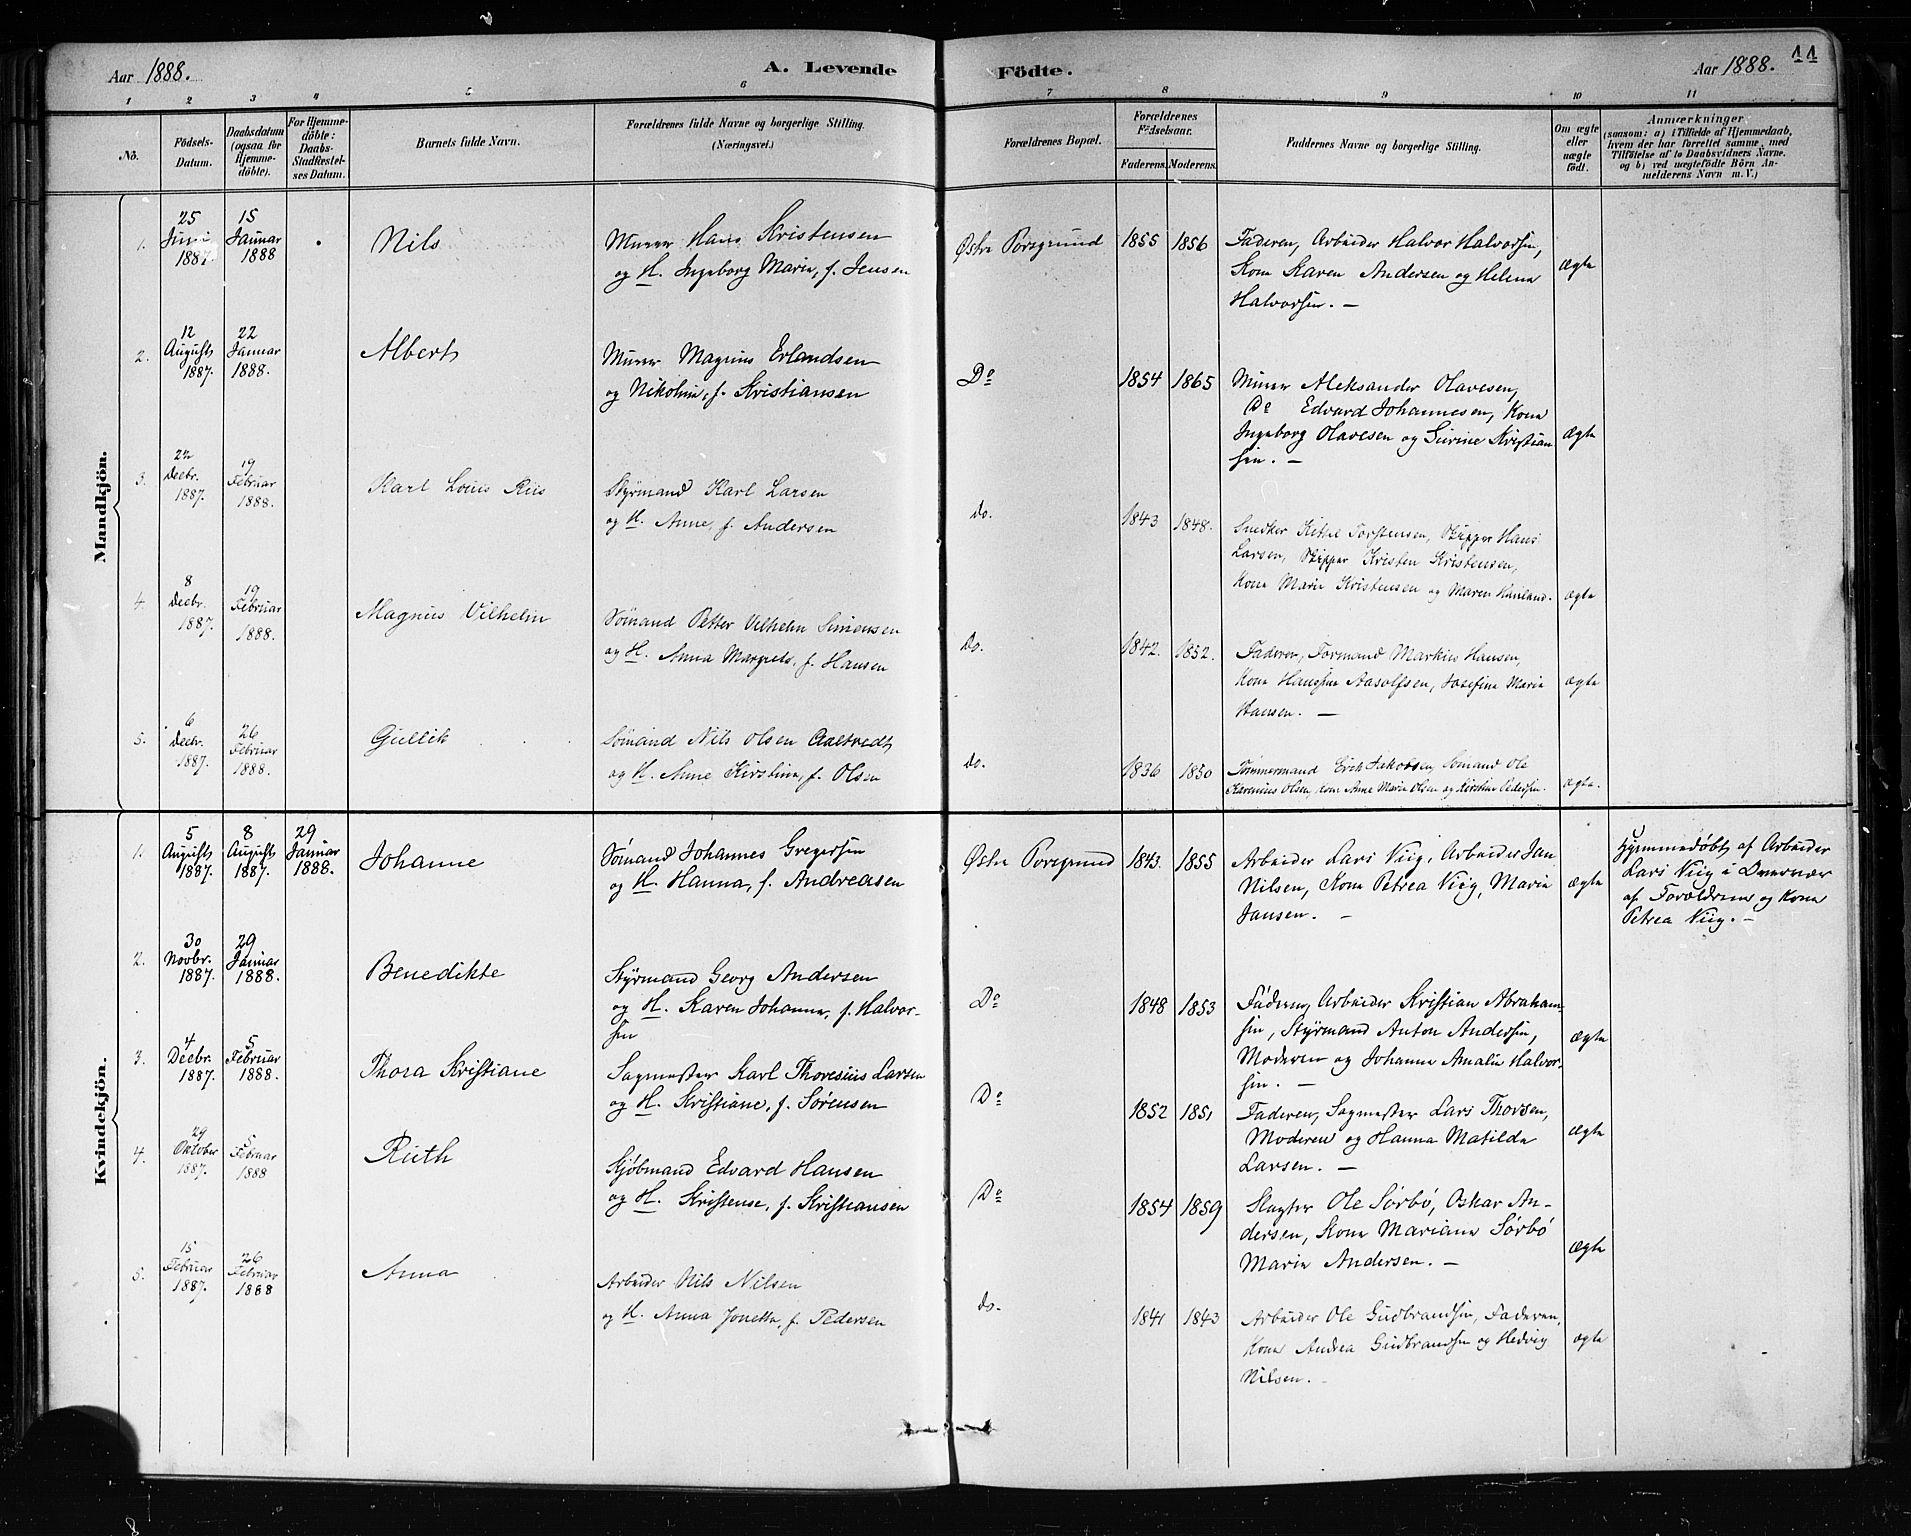 SAKO, Porsgrunn kirkebøker , G/Gb/L0005: Klokkerbok nr. II 5, 1883-1915, s. 44